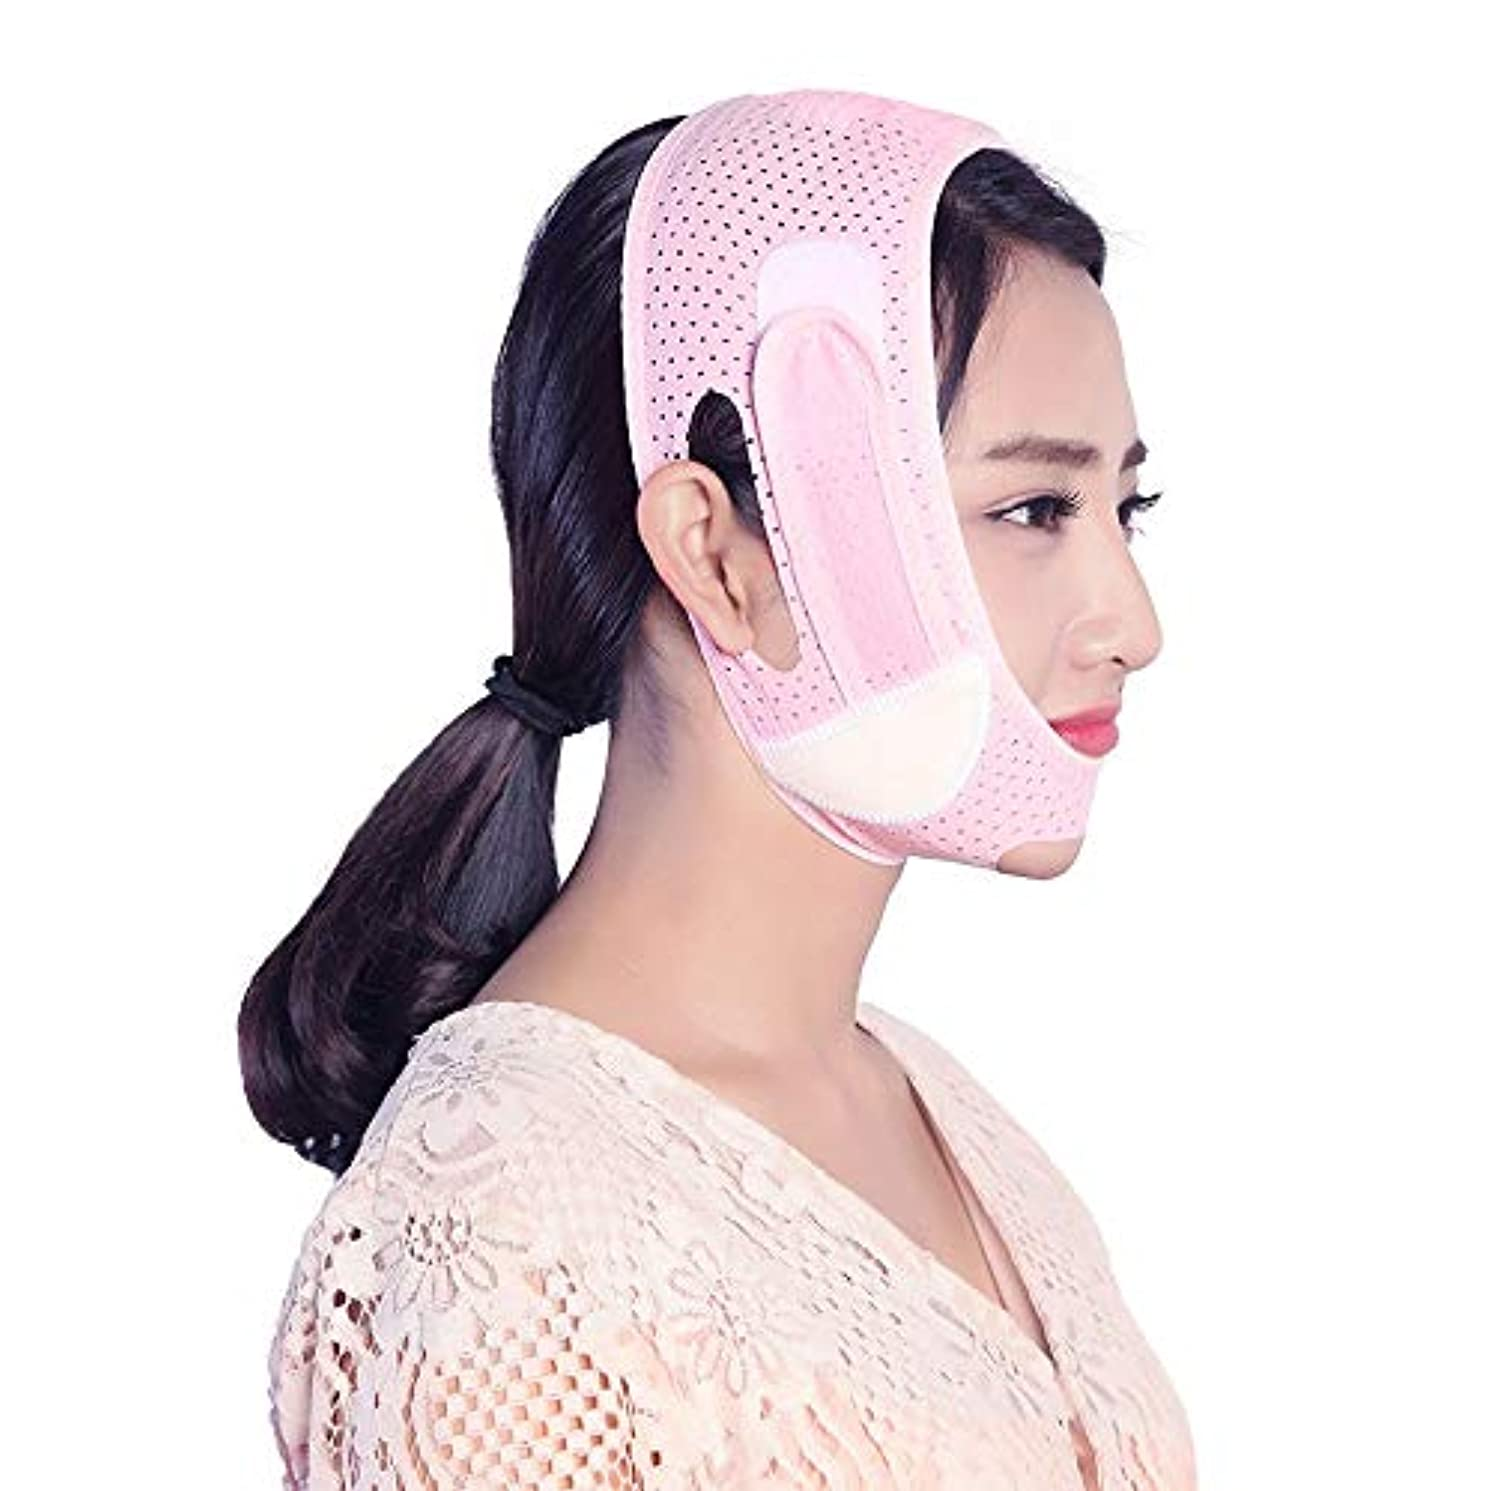 犠牲目の前のその後Minmin 睡眠薄い顔パッチ包帯吊り上げプルv顔引き締めどころアーティファクト判決パターン二重あご薄いマッセルマスク - ピンク みんみんVラインフェイスマスク